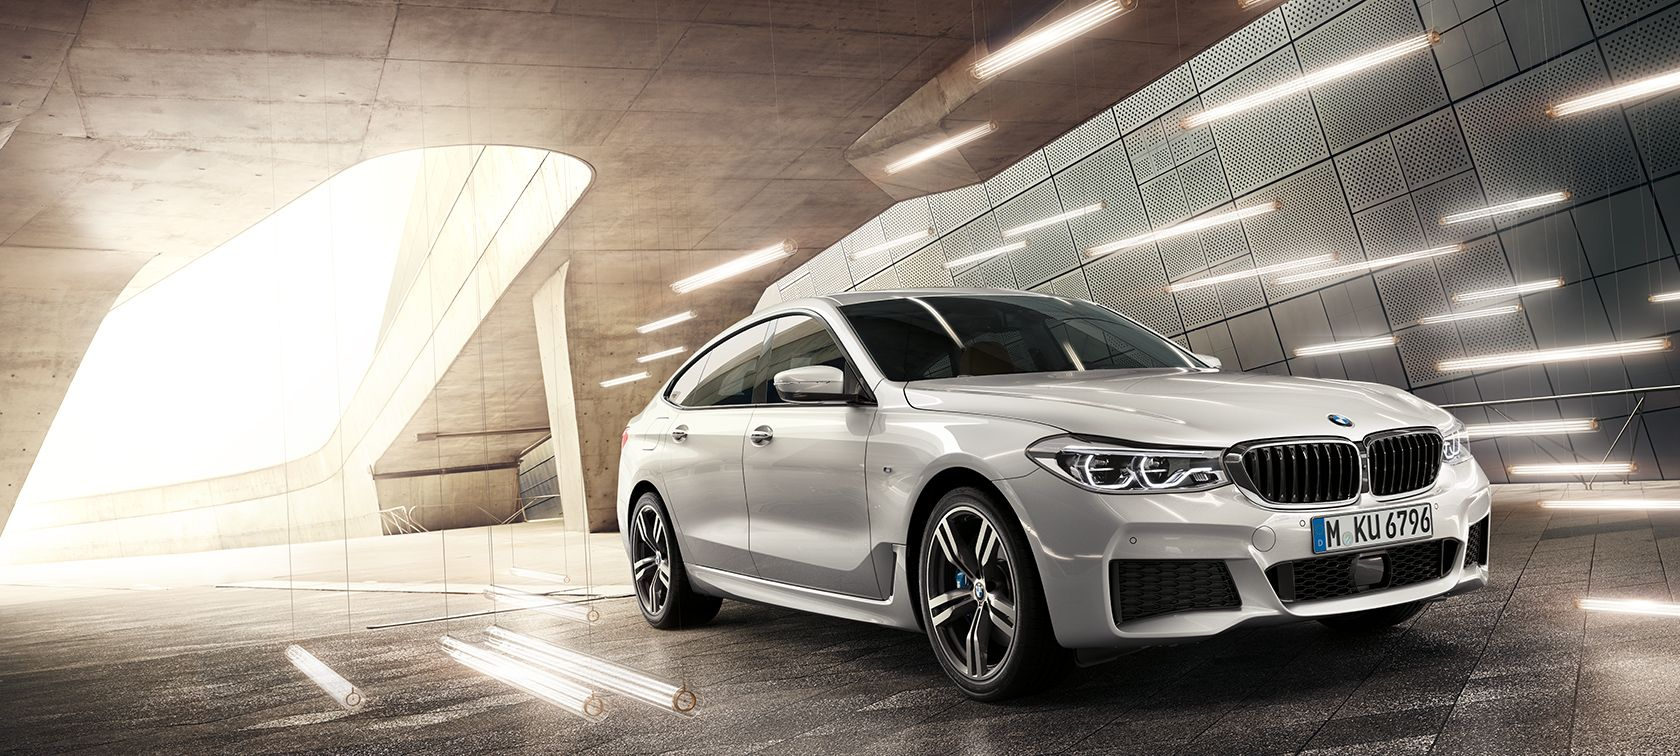 BMW 630i Gran Turismo M Sport Lebih Gesit dengan Mesin TwinPower Turbo Terbaru